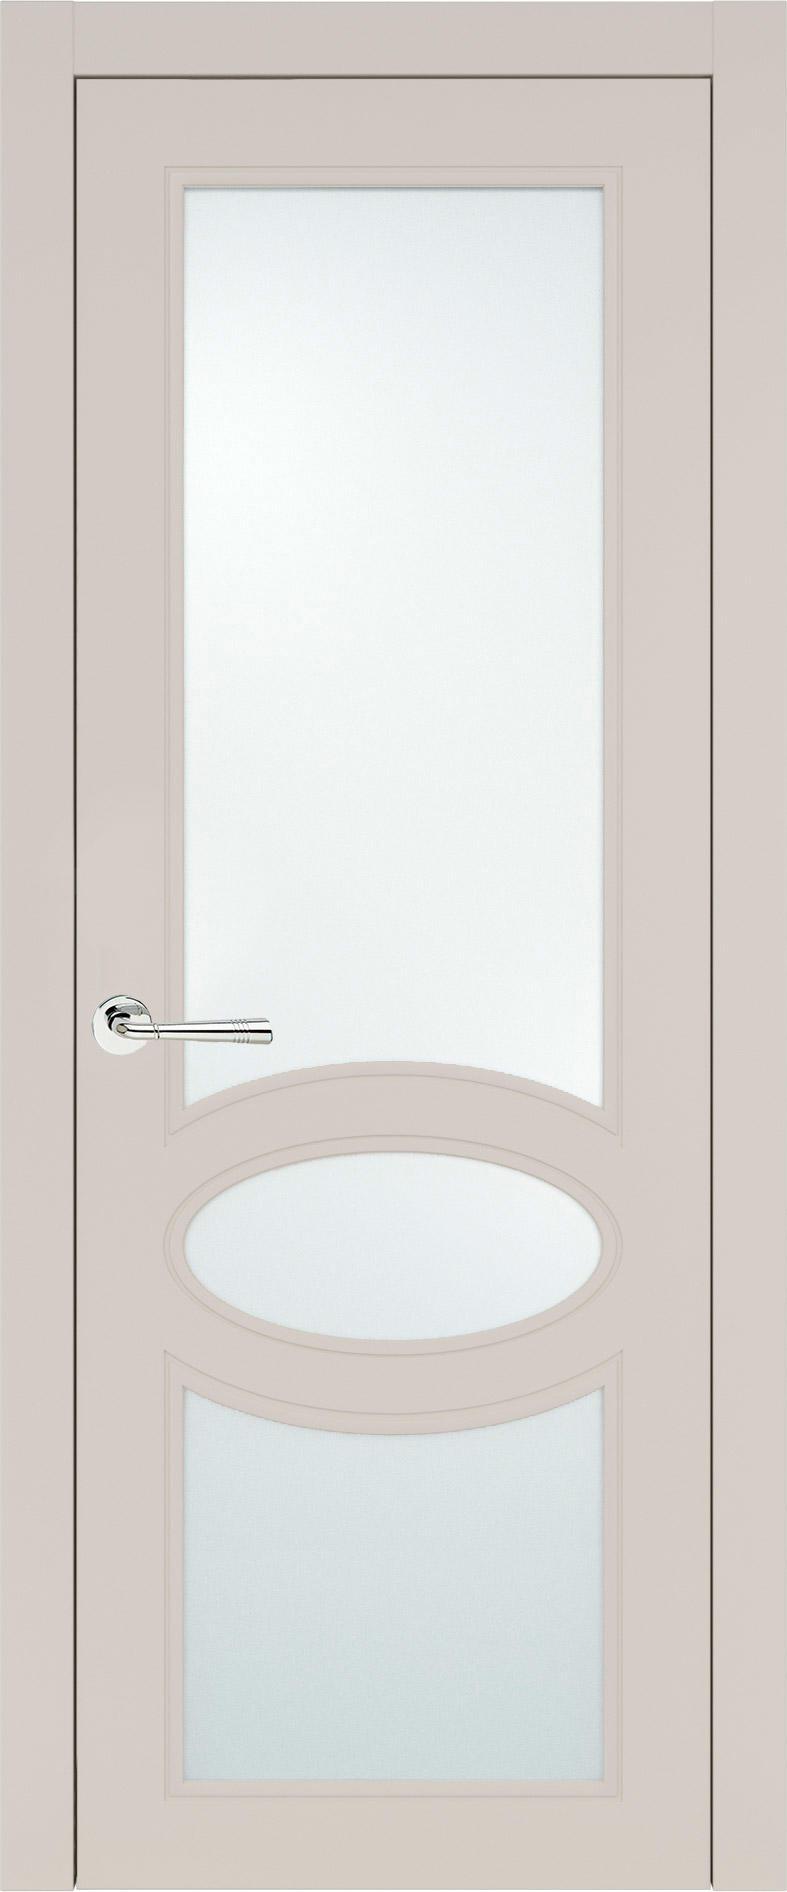 Florencia Neo Classic цвет - Жемчужная эмаль (RAL 1013) Со стеклом (ДО)